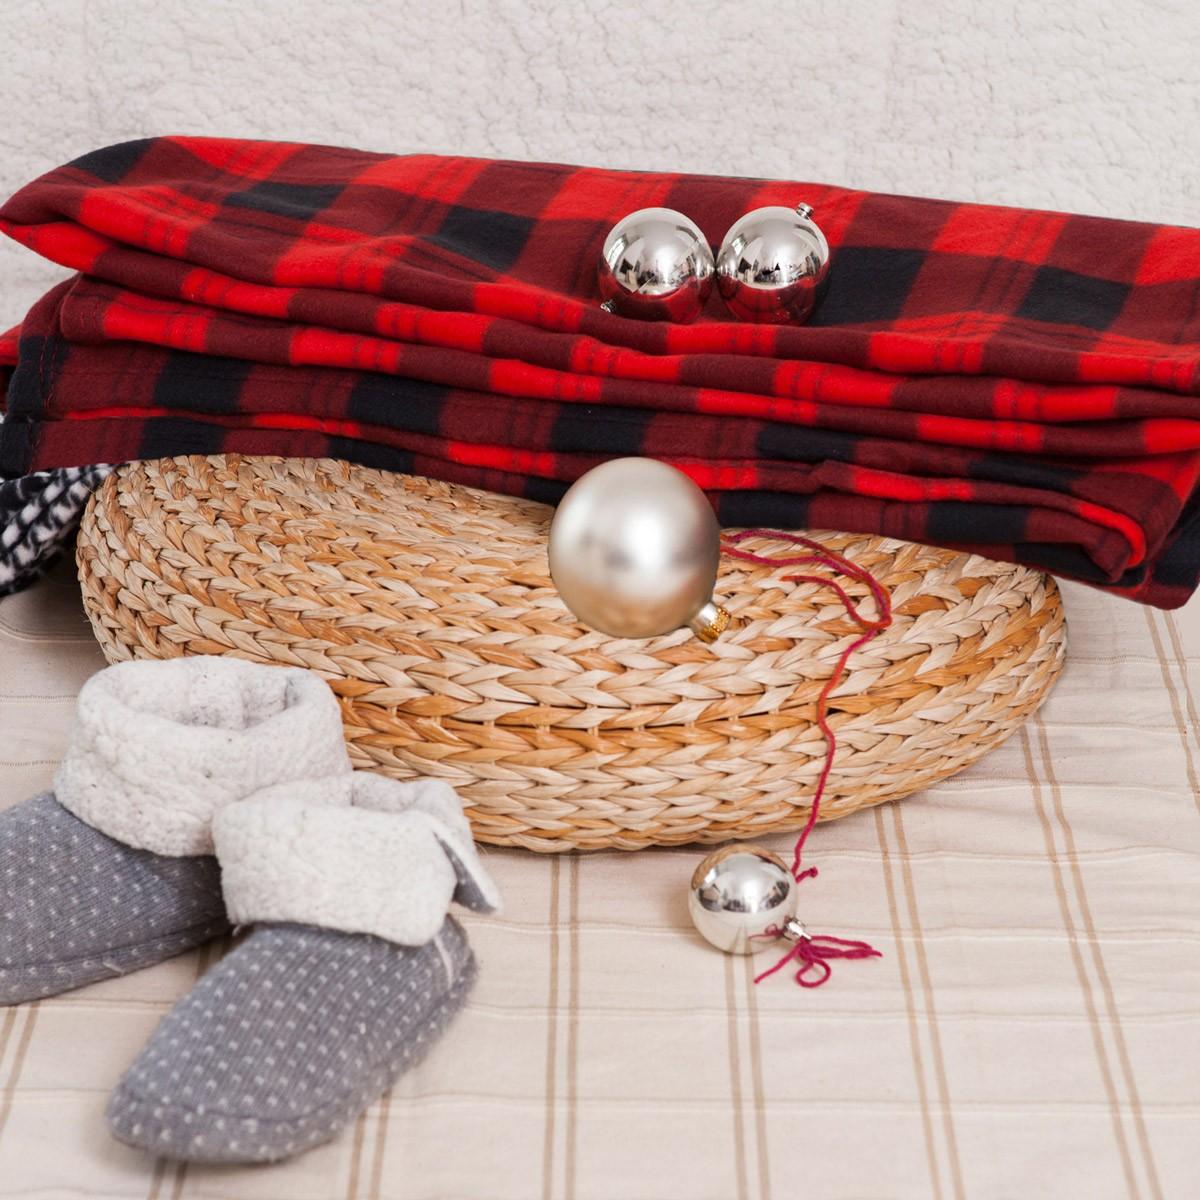 Κουβέρτα Fleece Διπλή Melinen Checked Red home   κρεβατοκάμαρα   κουβέρτες   κουβέρτες fleece υπέρδιπλες